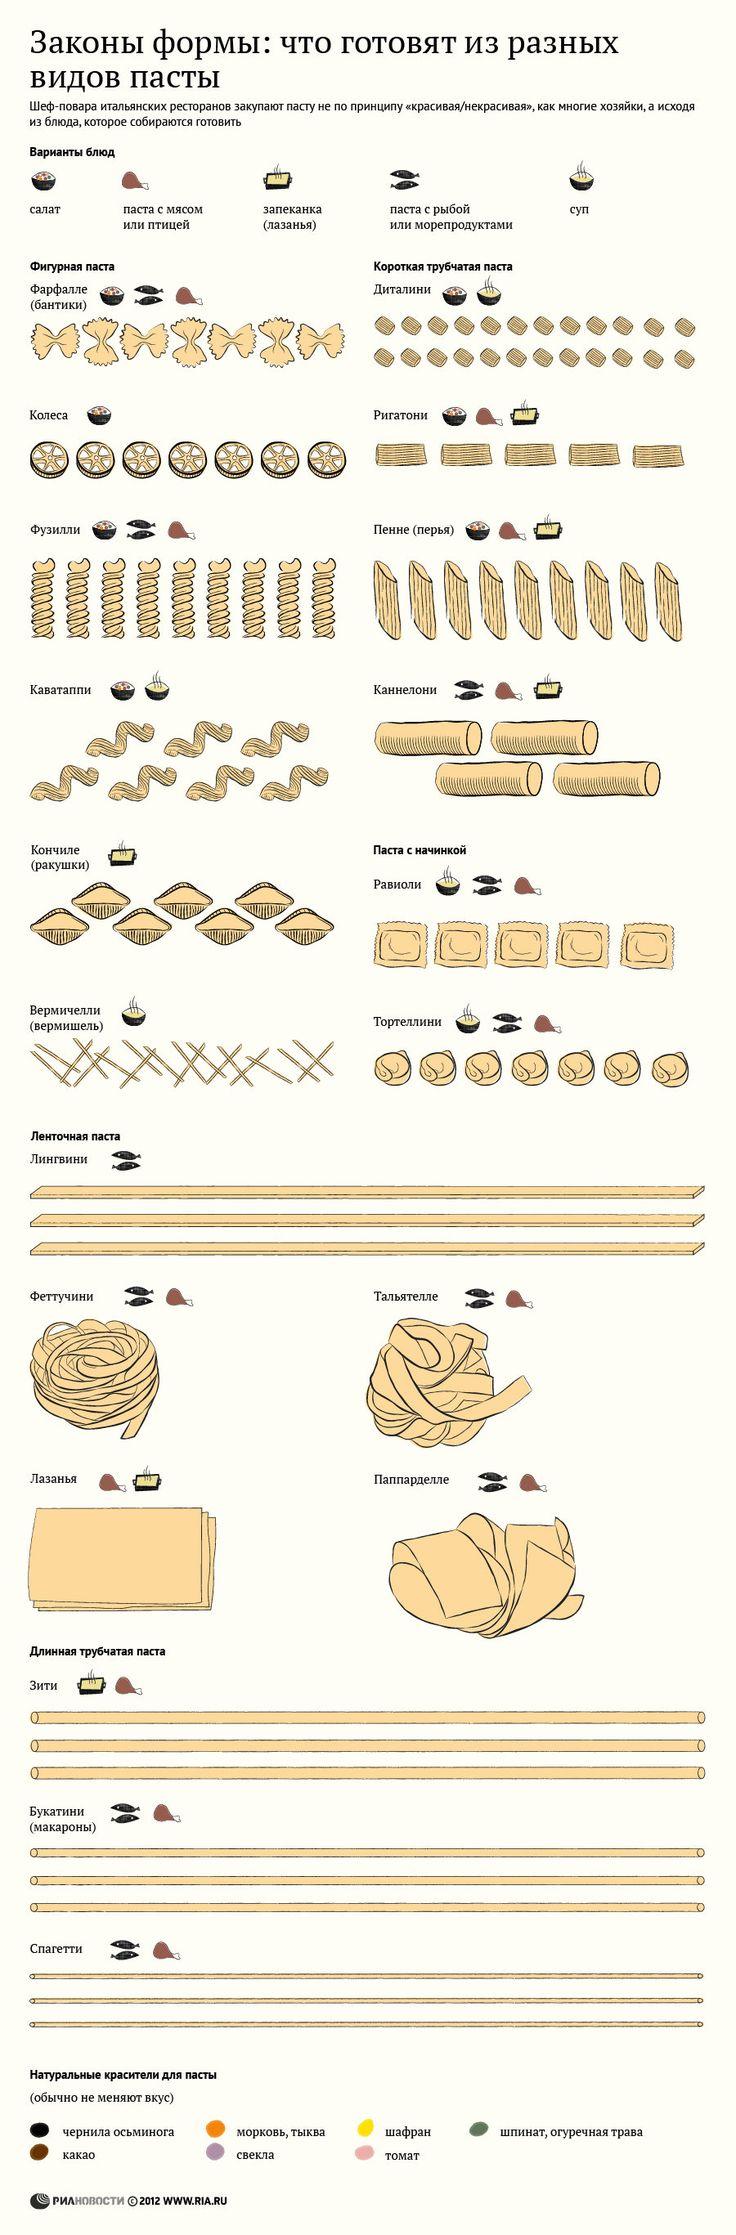 Что готовят из разных видов пасты